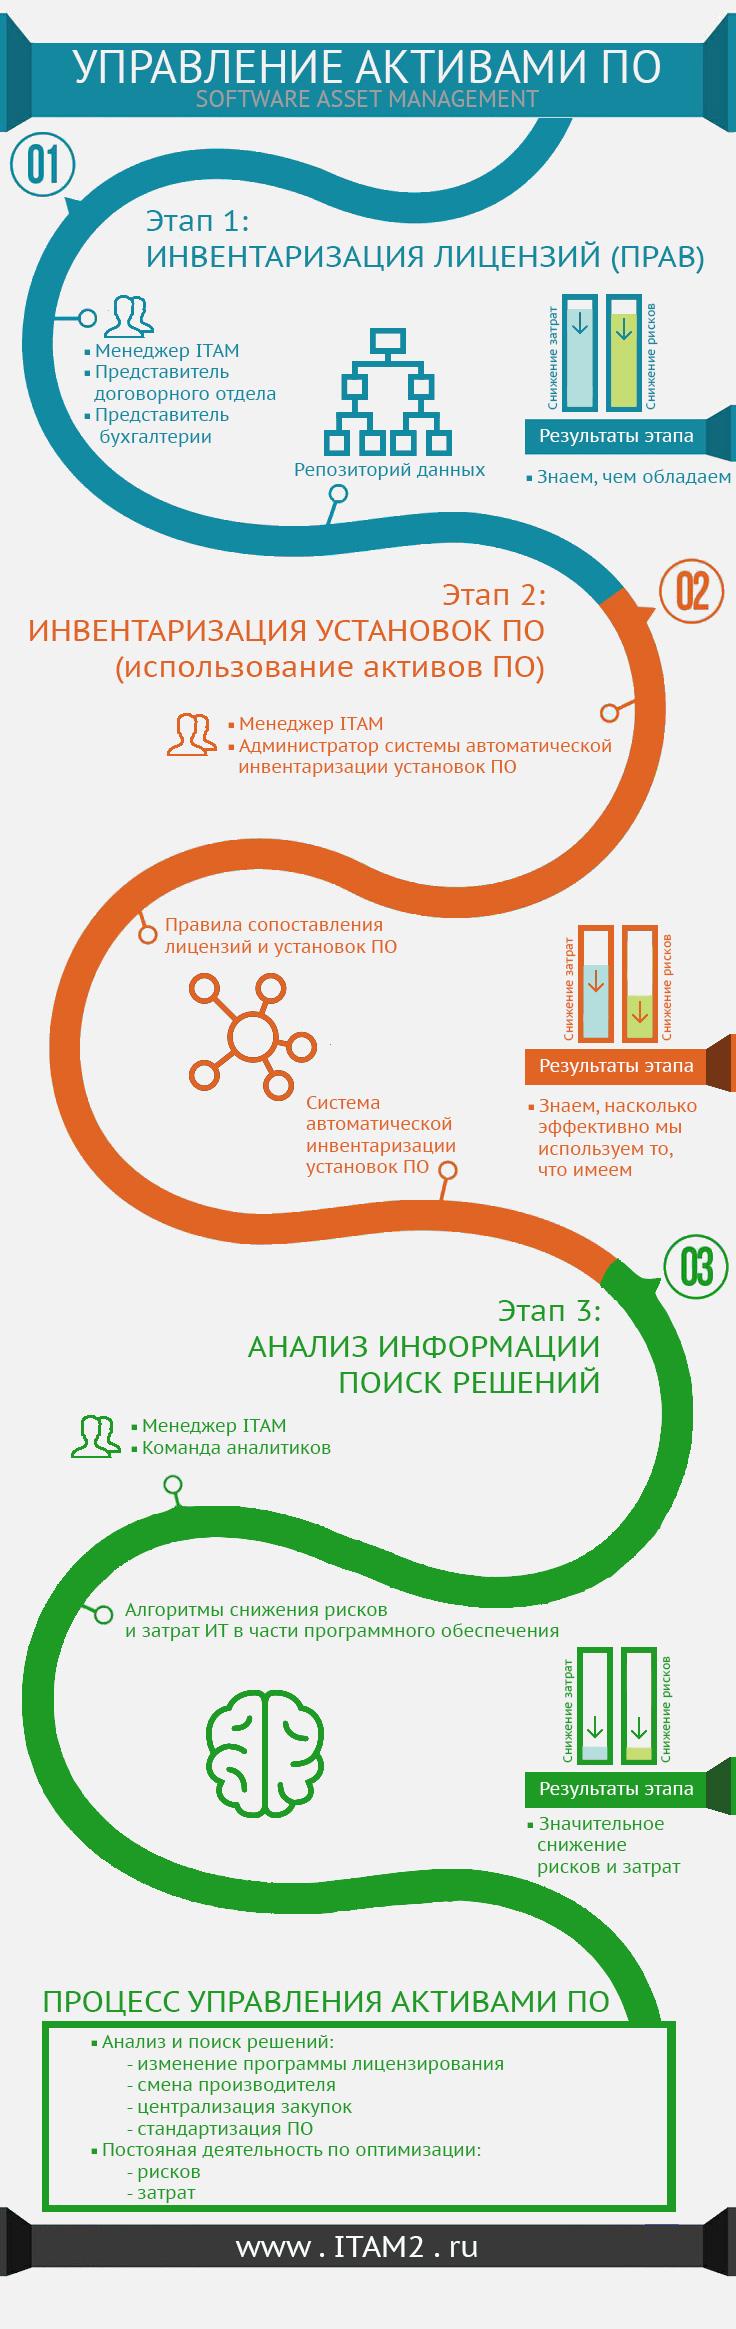 Инфографика об управлении актвиами ПО